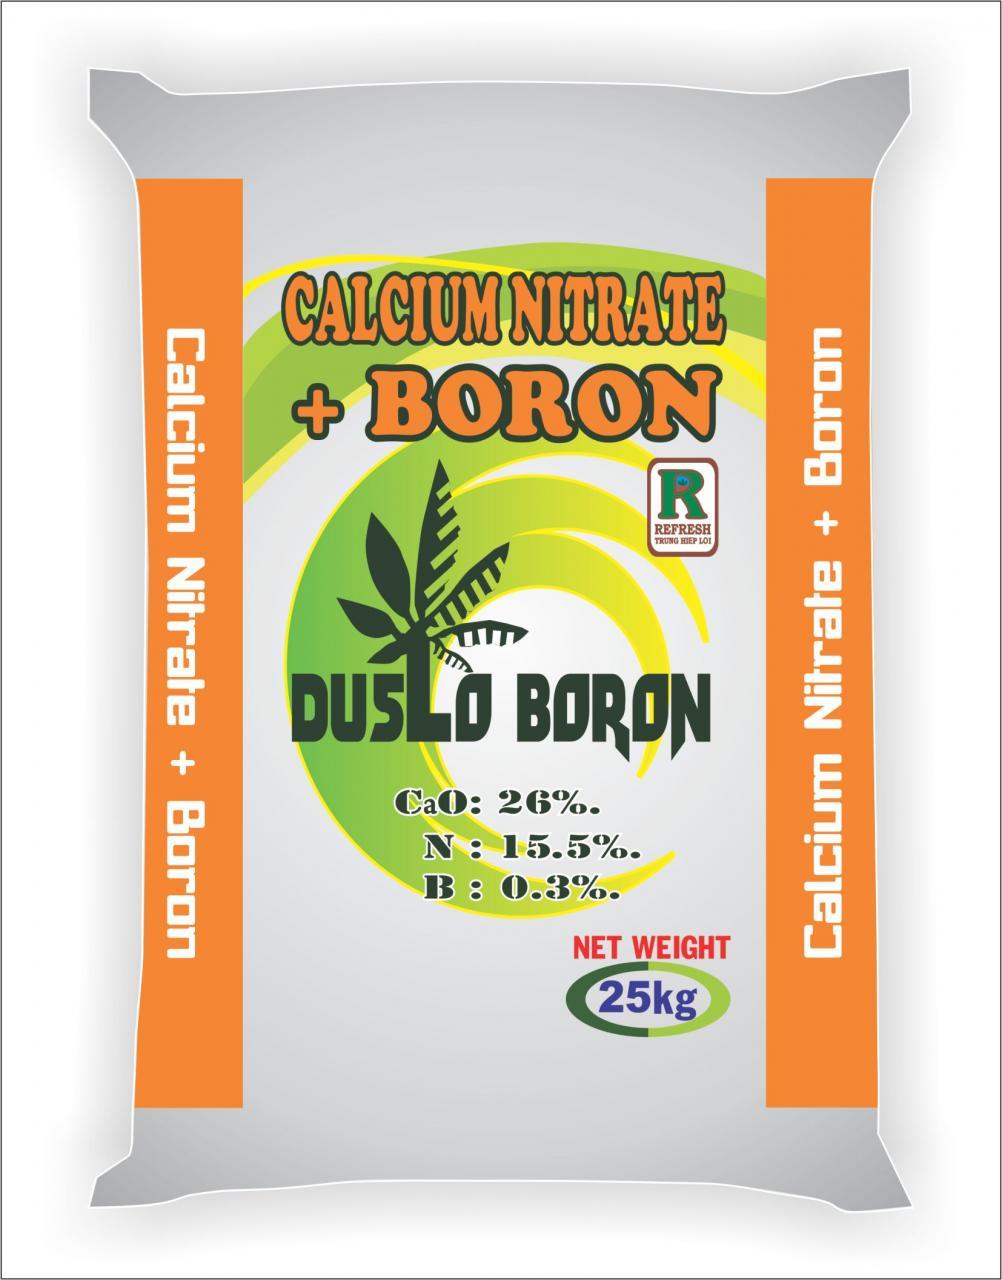 Calcium Nitrate + Boron